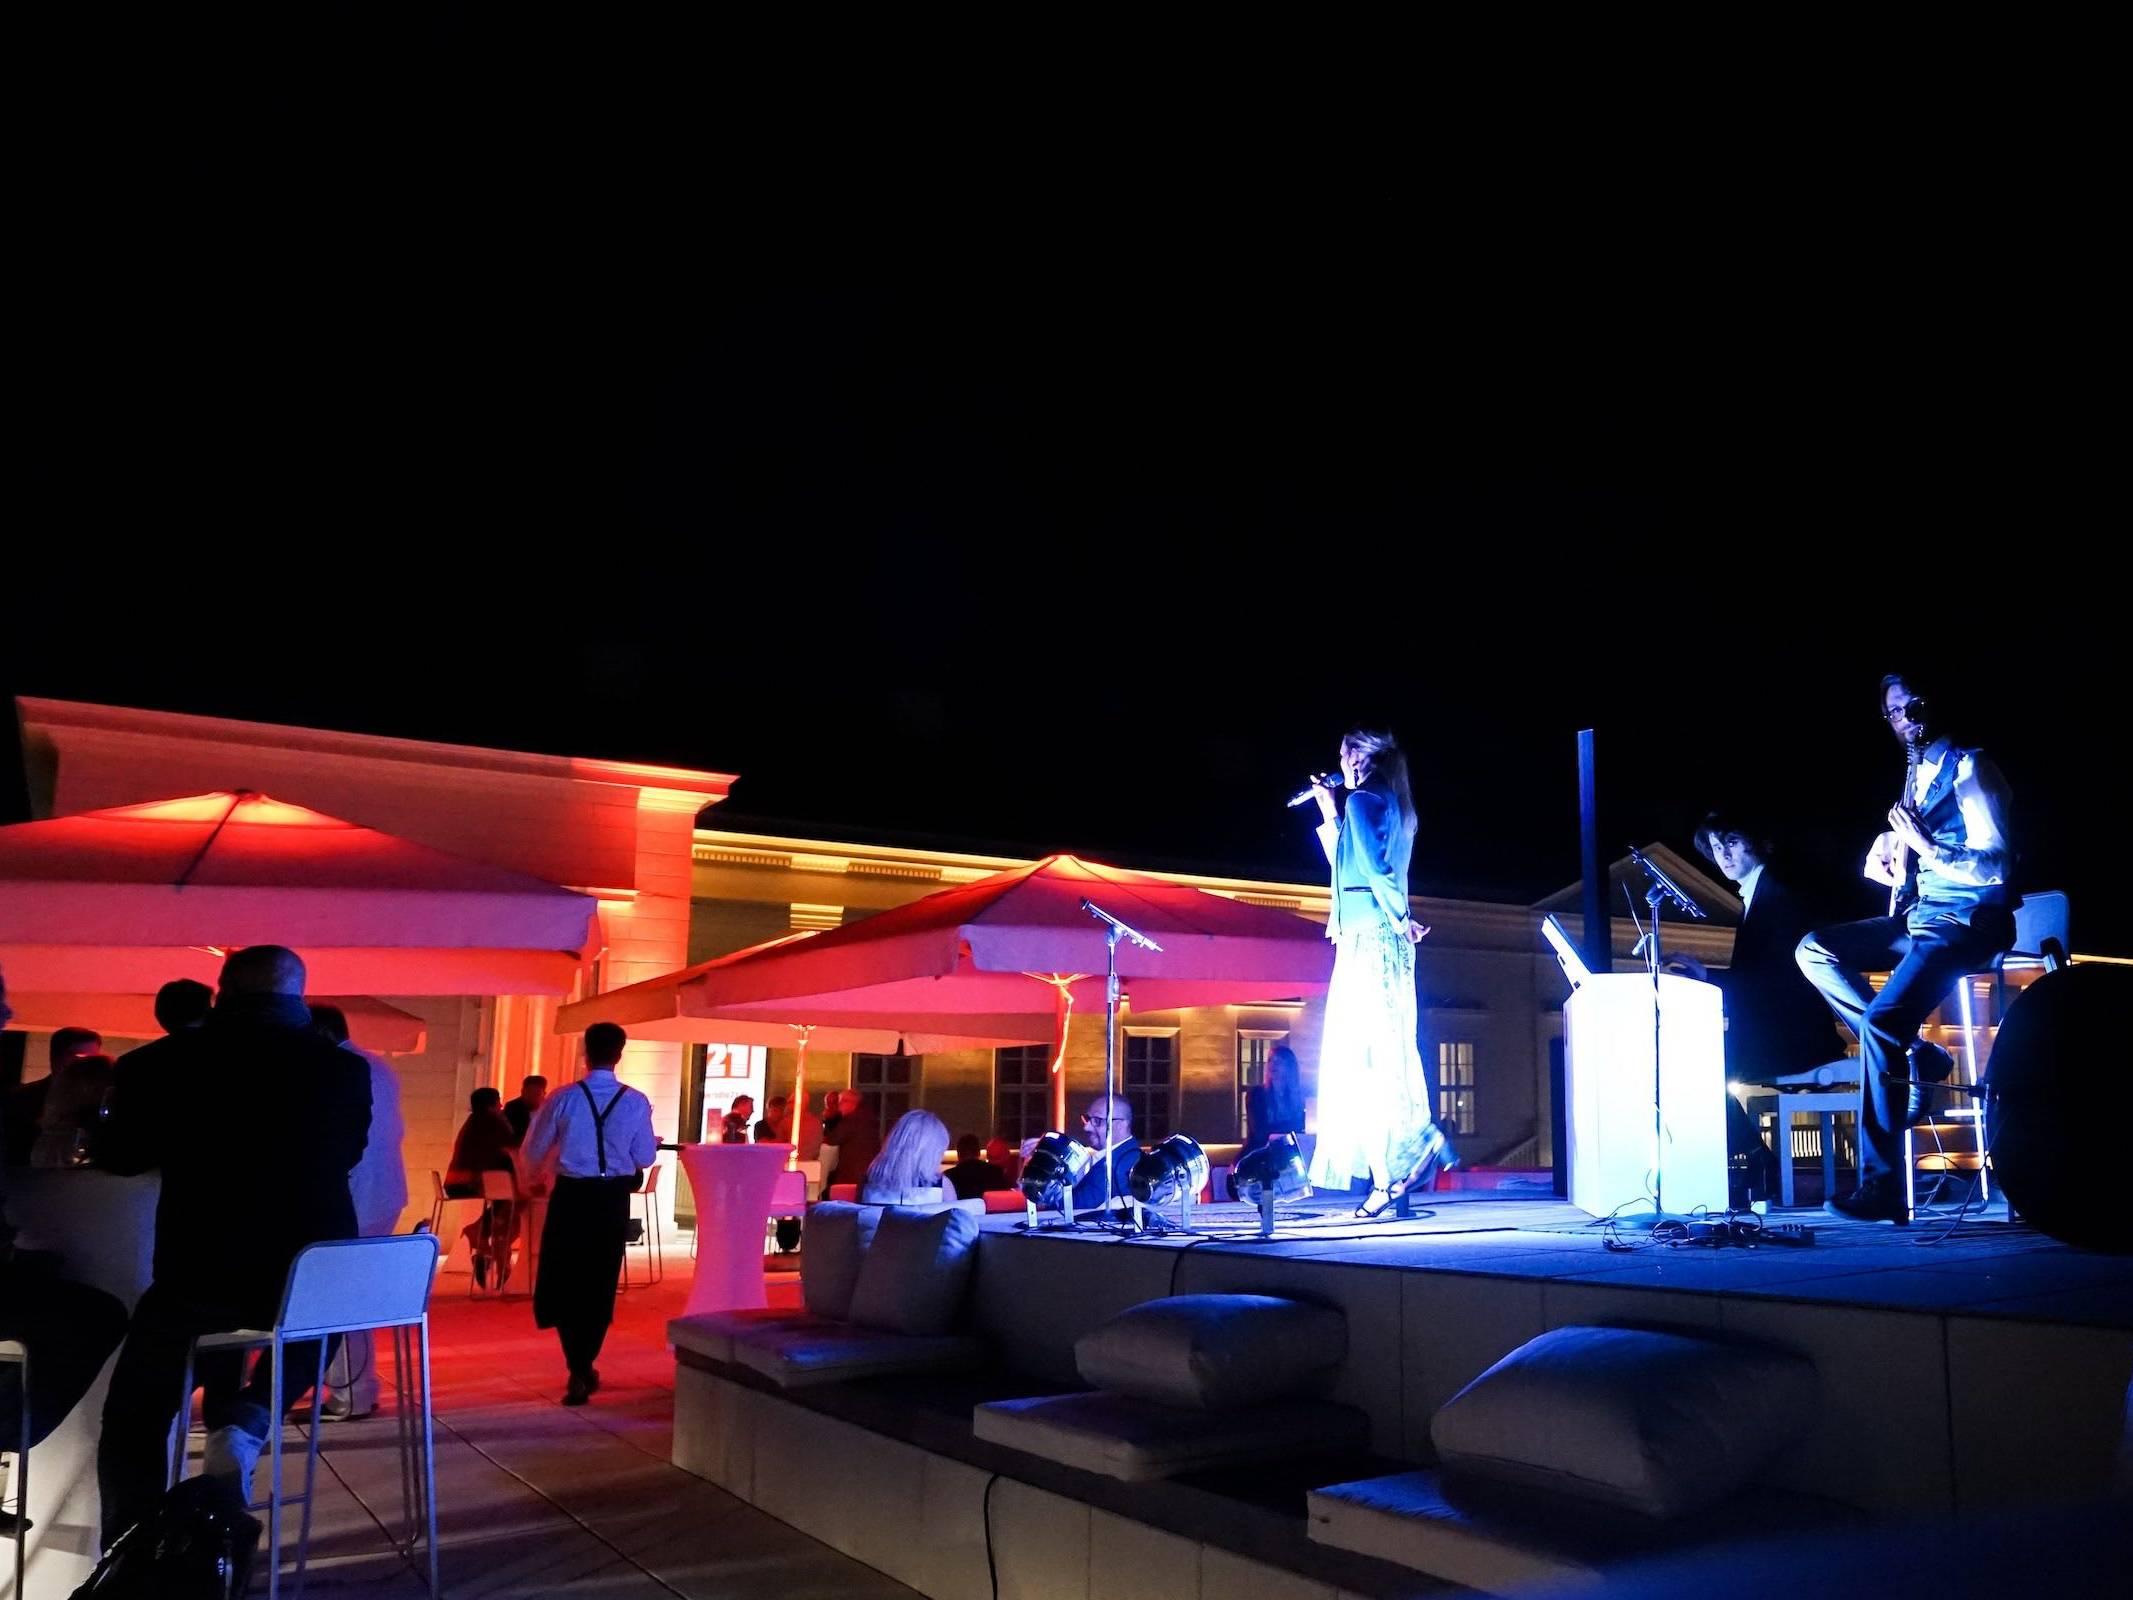 Jazzband   Hamburg   Livemusik   Musiker   Partyband   Liveband   Swingband   Band   Pianist   Pianist   Kontrabass   Silvester   Soul   Motown   Swing   Jazz   Messe   Firmenfeier   Dinner   Empfang   Gala   Charity   Hamburgfeiert